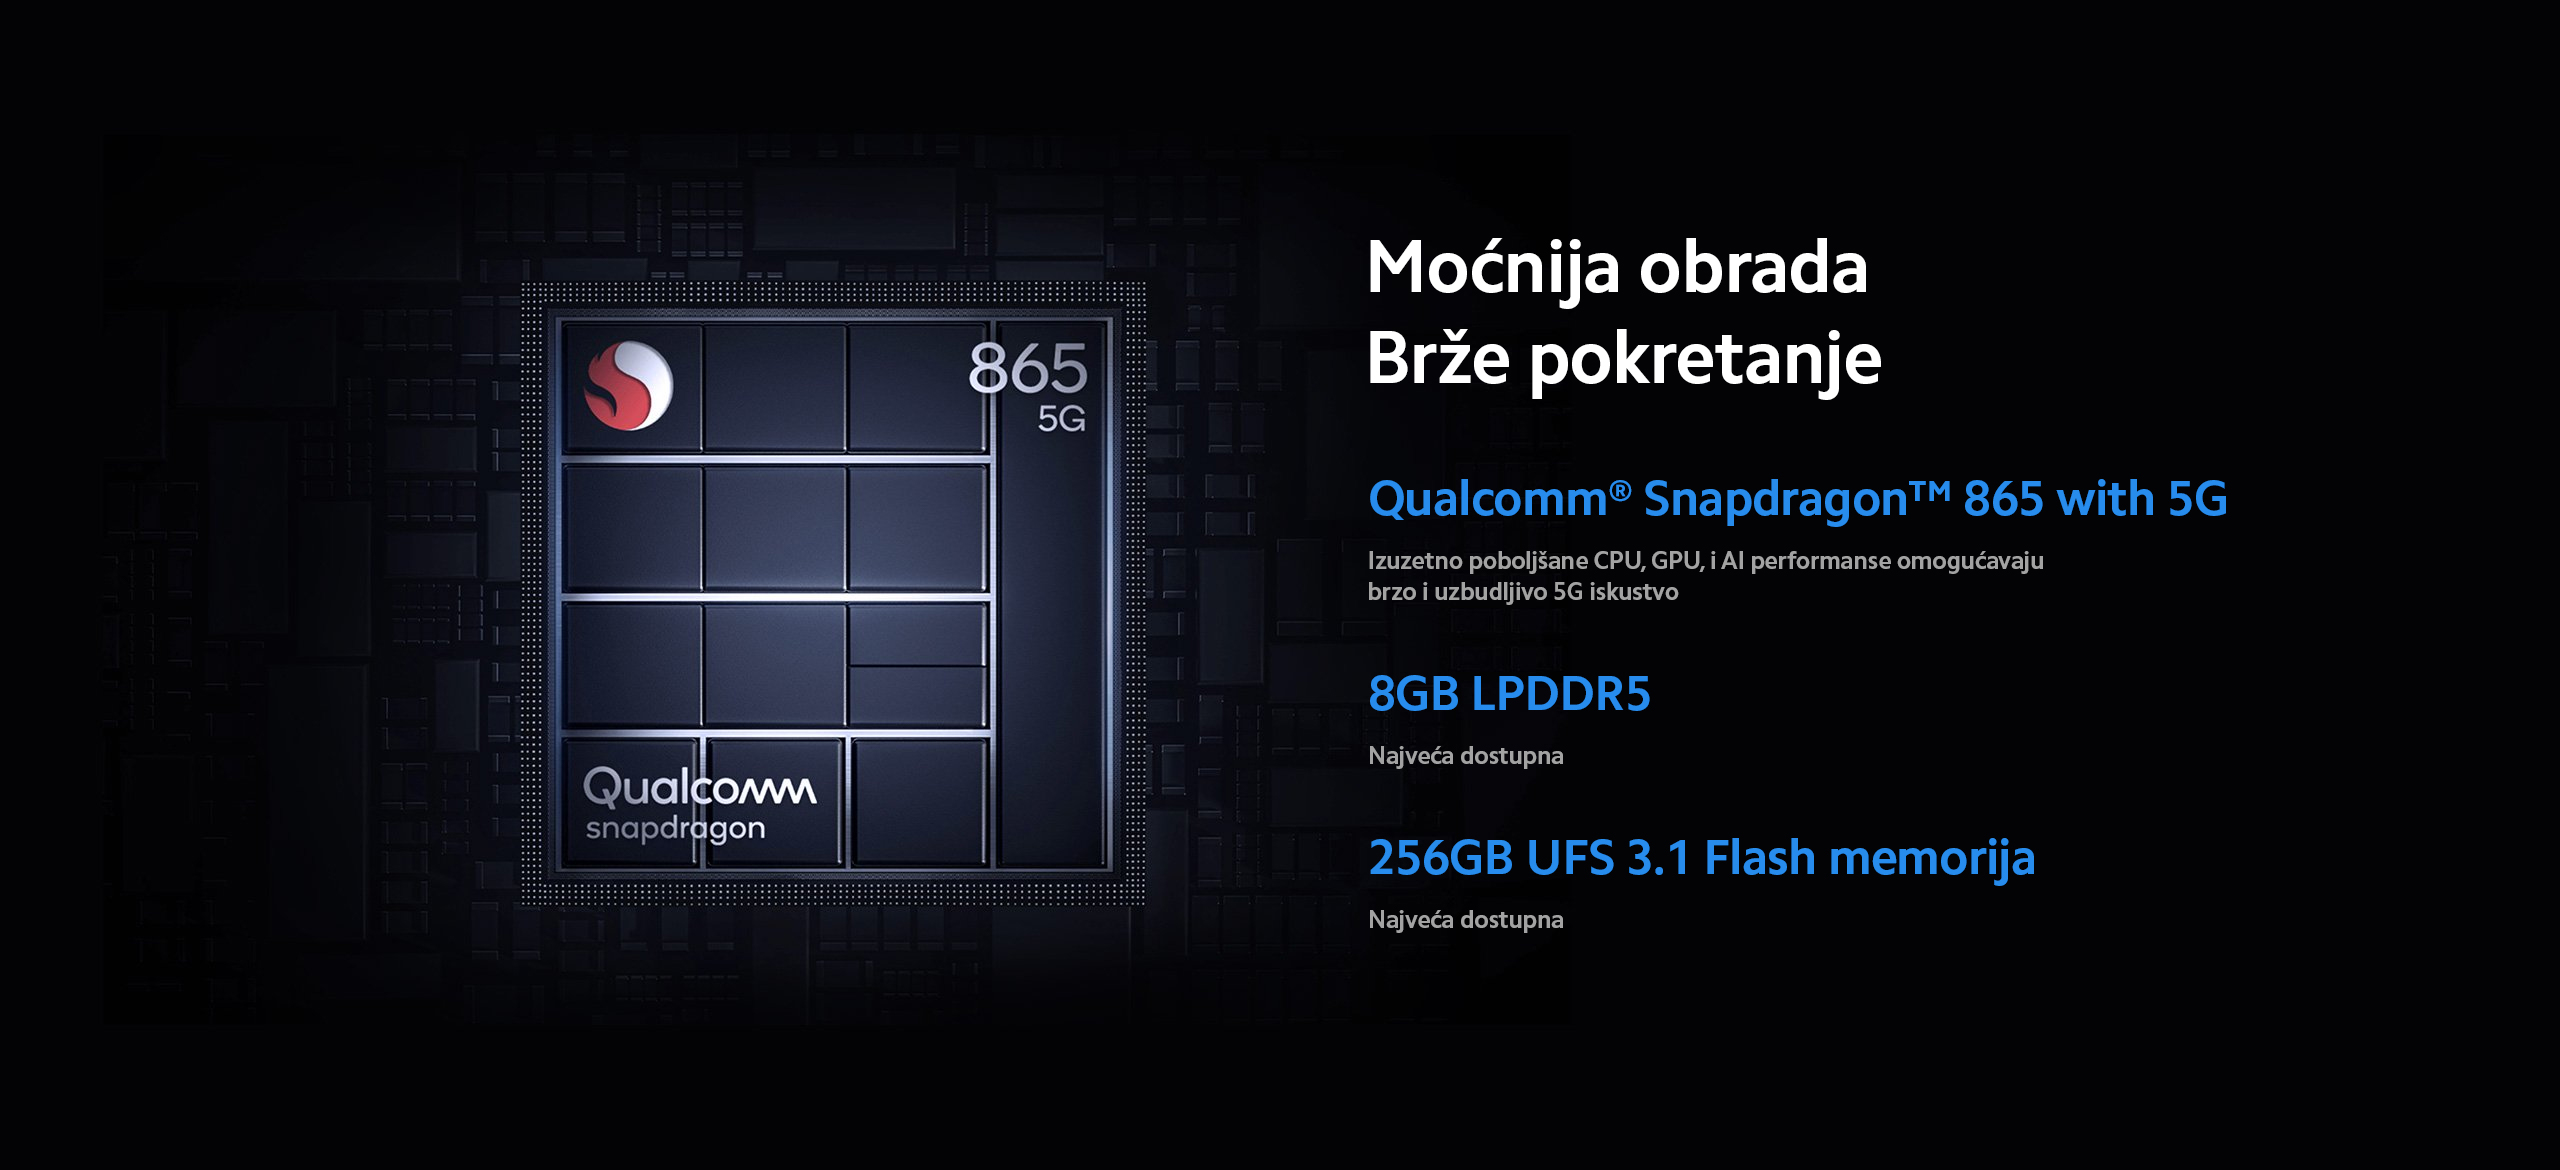 https://mi-srbija.rs/storage/media/2020/11/5/6831420a-19f1-4506-94d3-b357ca5cfd75.jpg